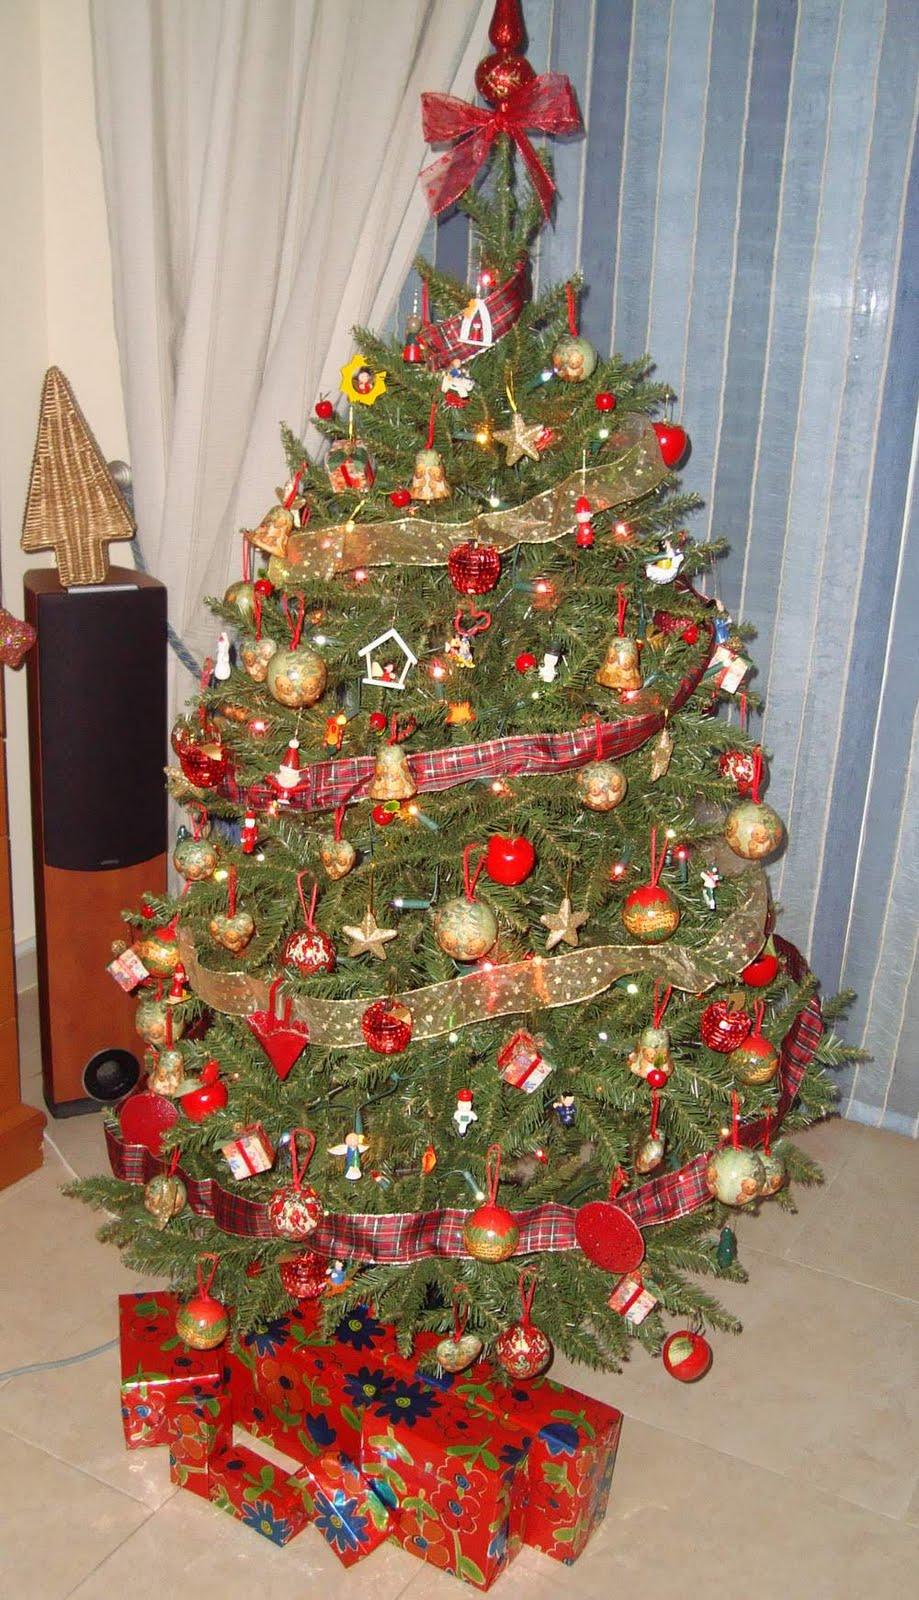 Chaleti mi rbol de navidad - Como decorar mi arbol de navidad ...